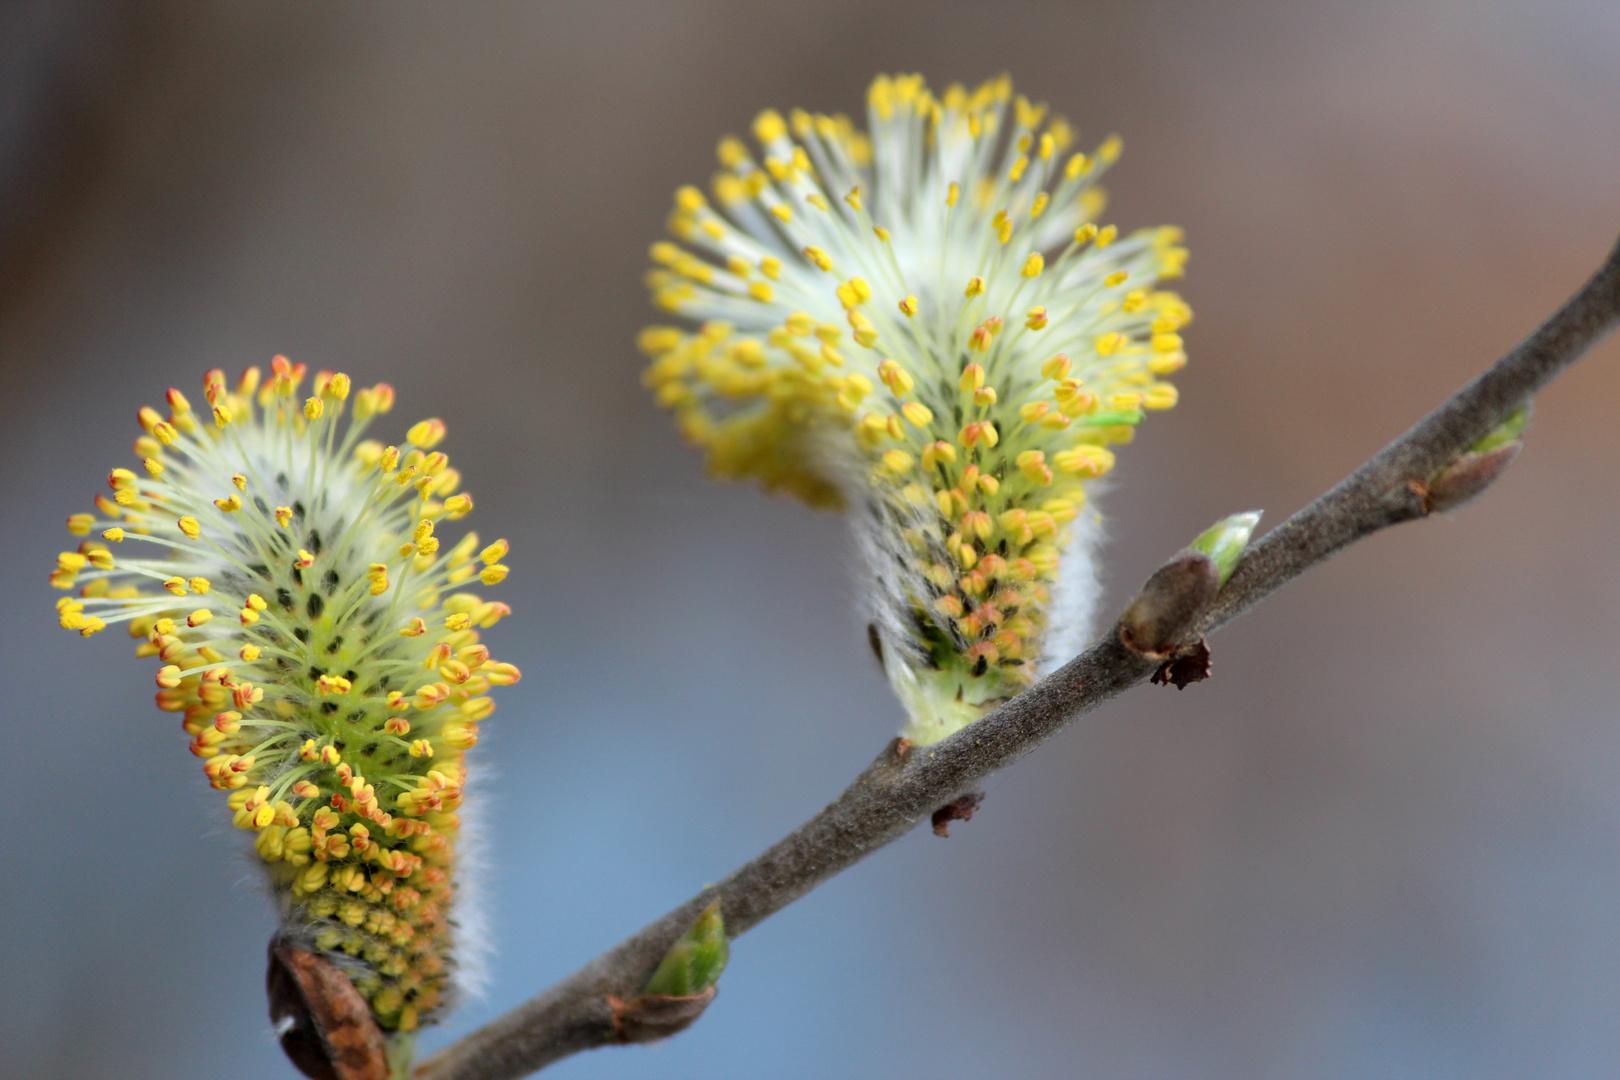 Spring arrives 2